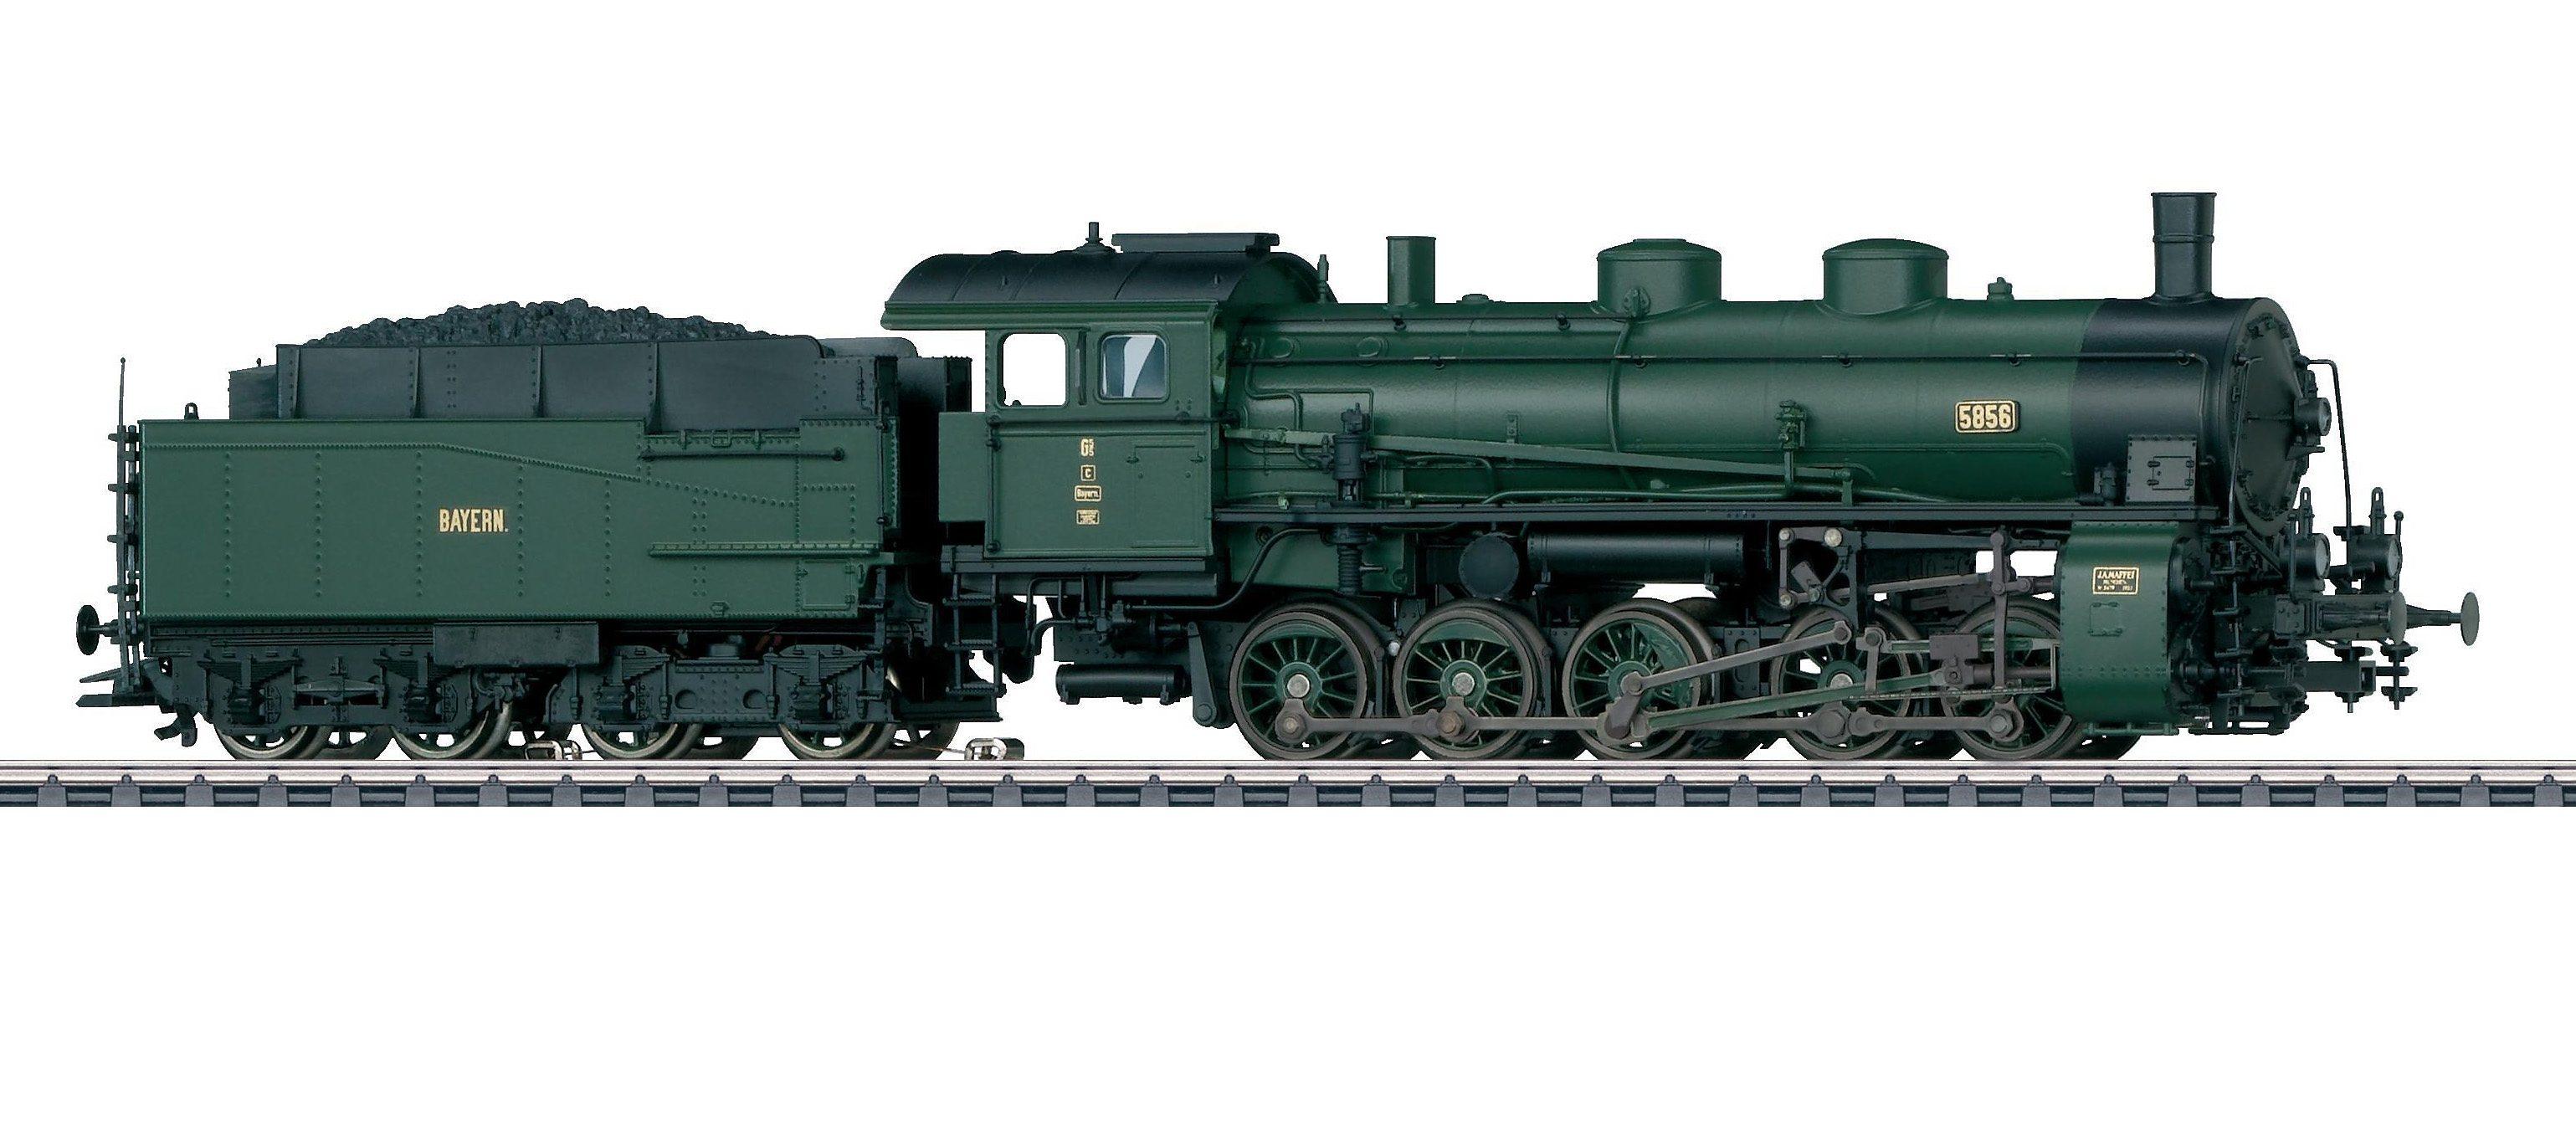 Märklin Güterzug-Dampflok Spur H0 - 39550, »Lok mit Schlepptender G5/5, DRG - Wechselstrom«